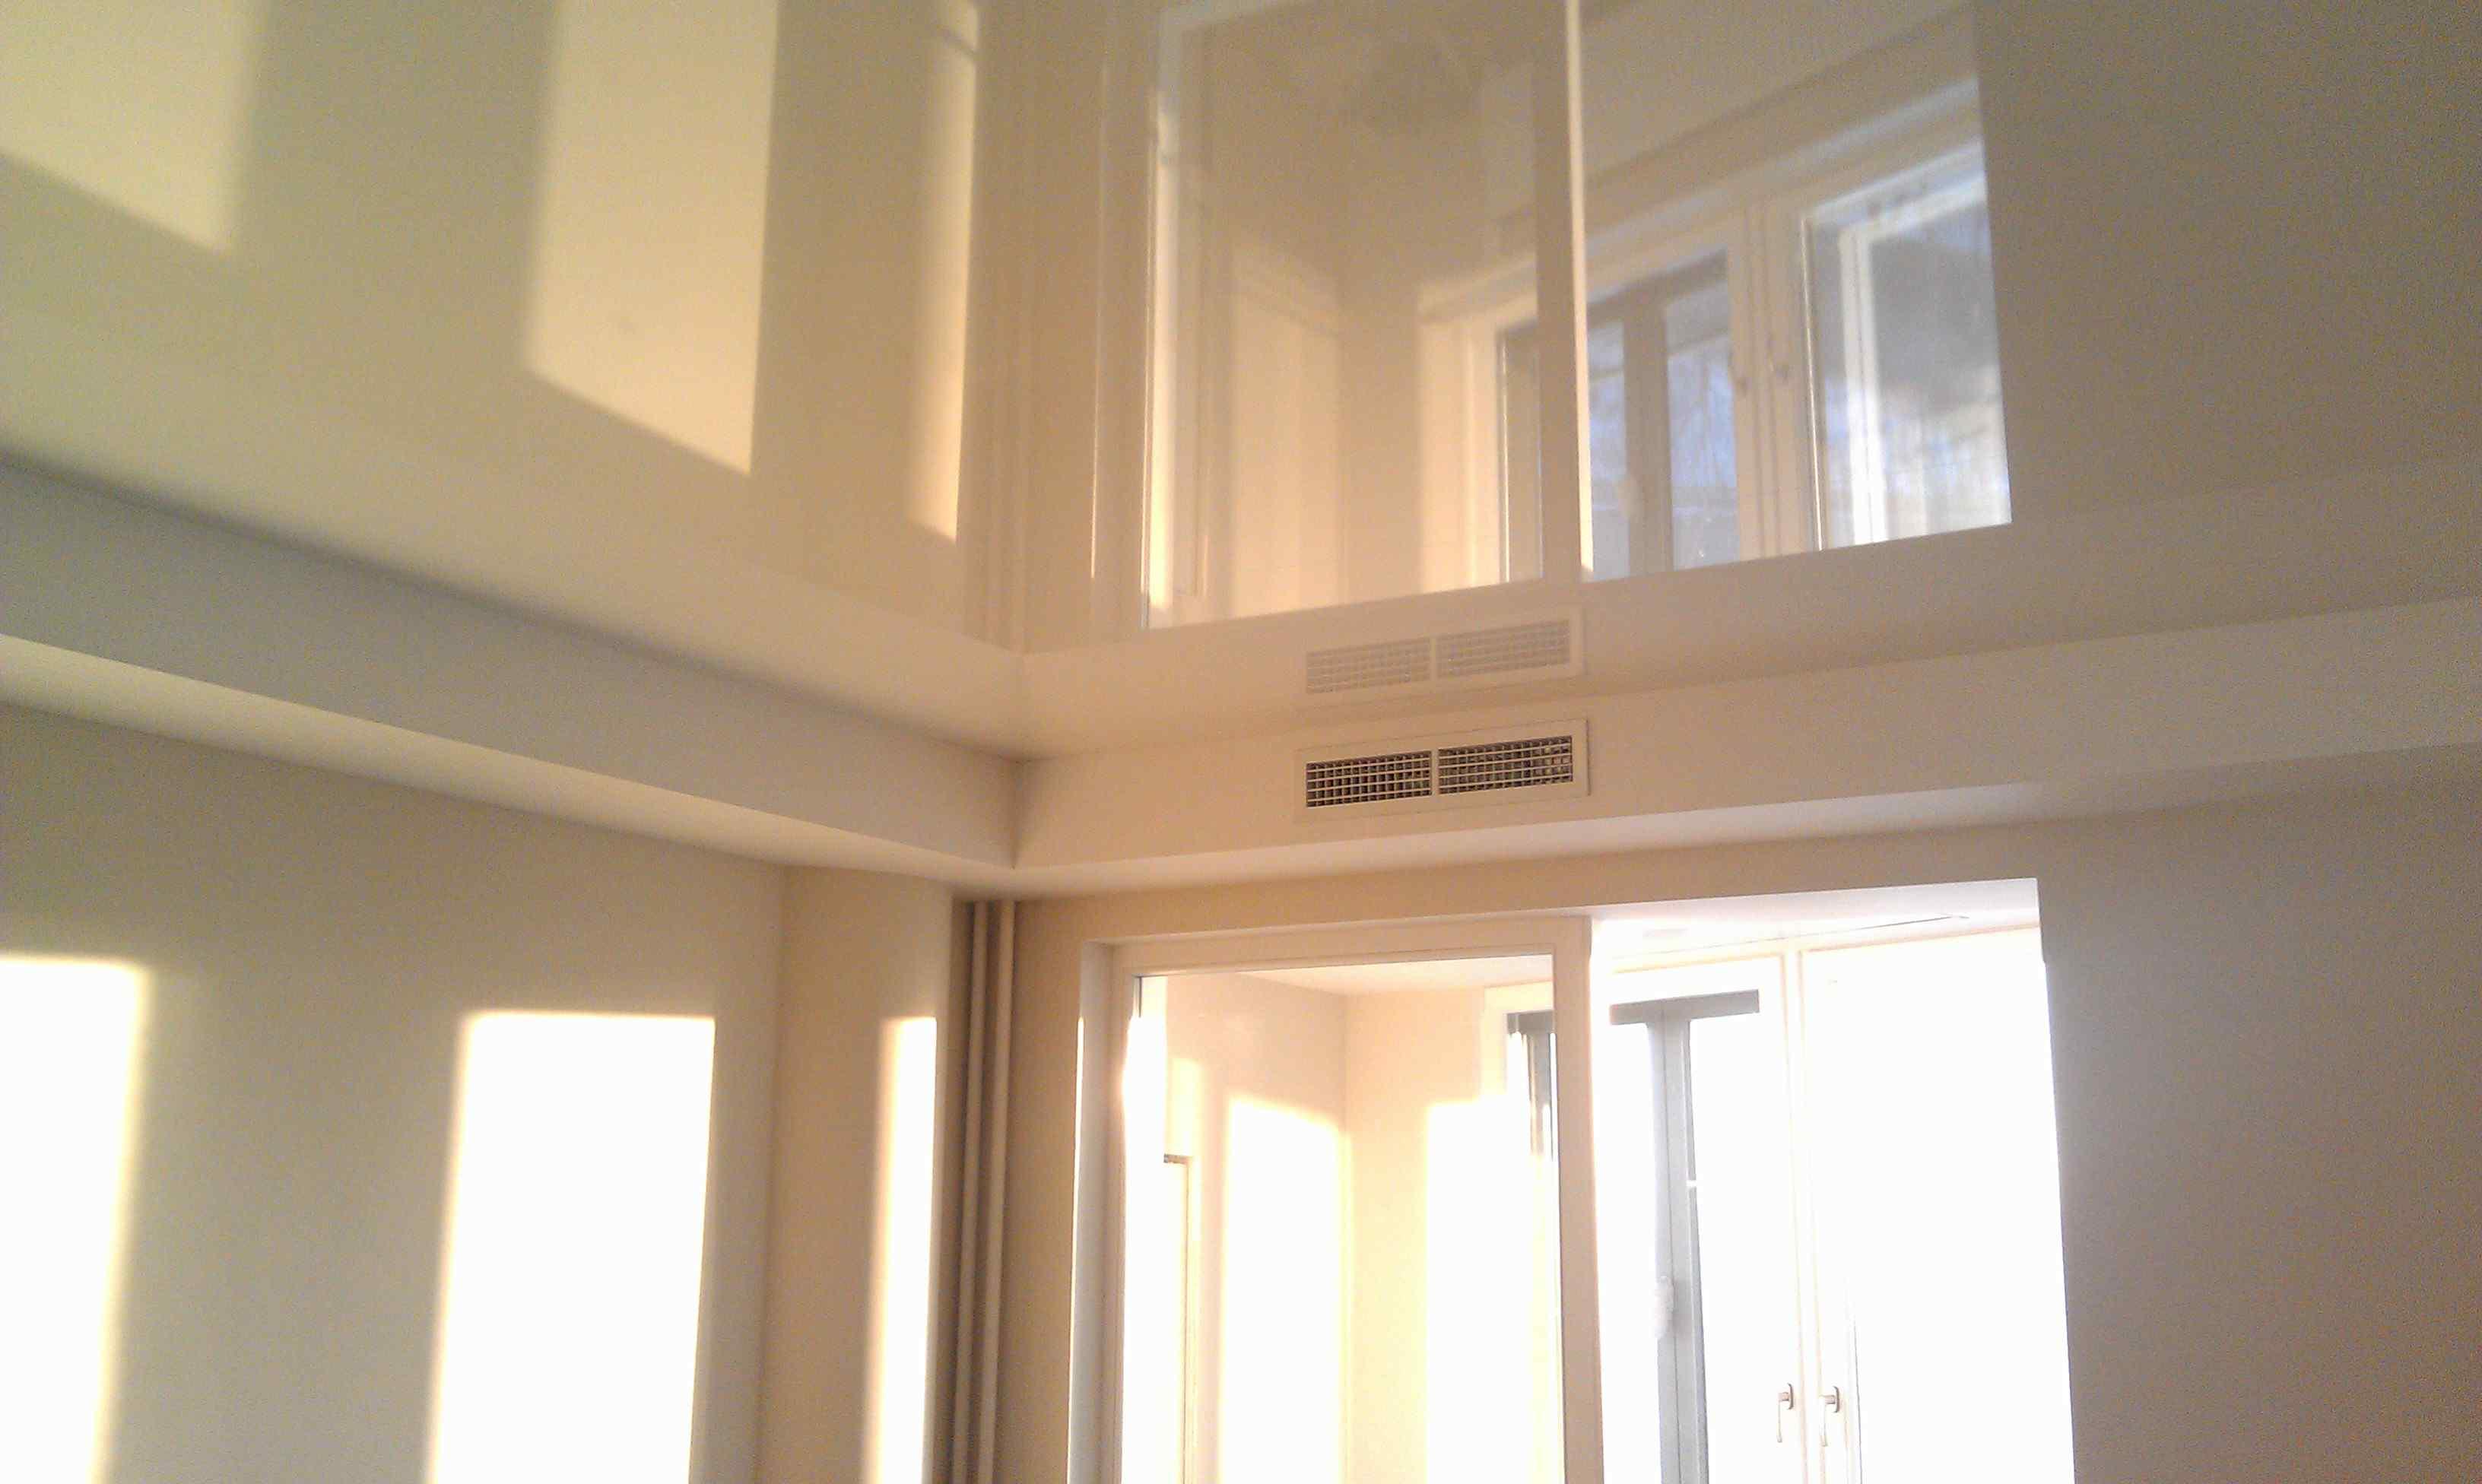 Как мыть глянцевые натяжные потолки без разводов - различные варианты - блог о строительстве